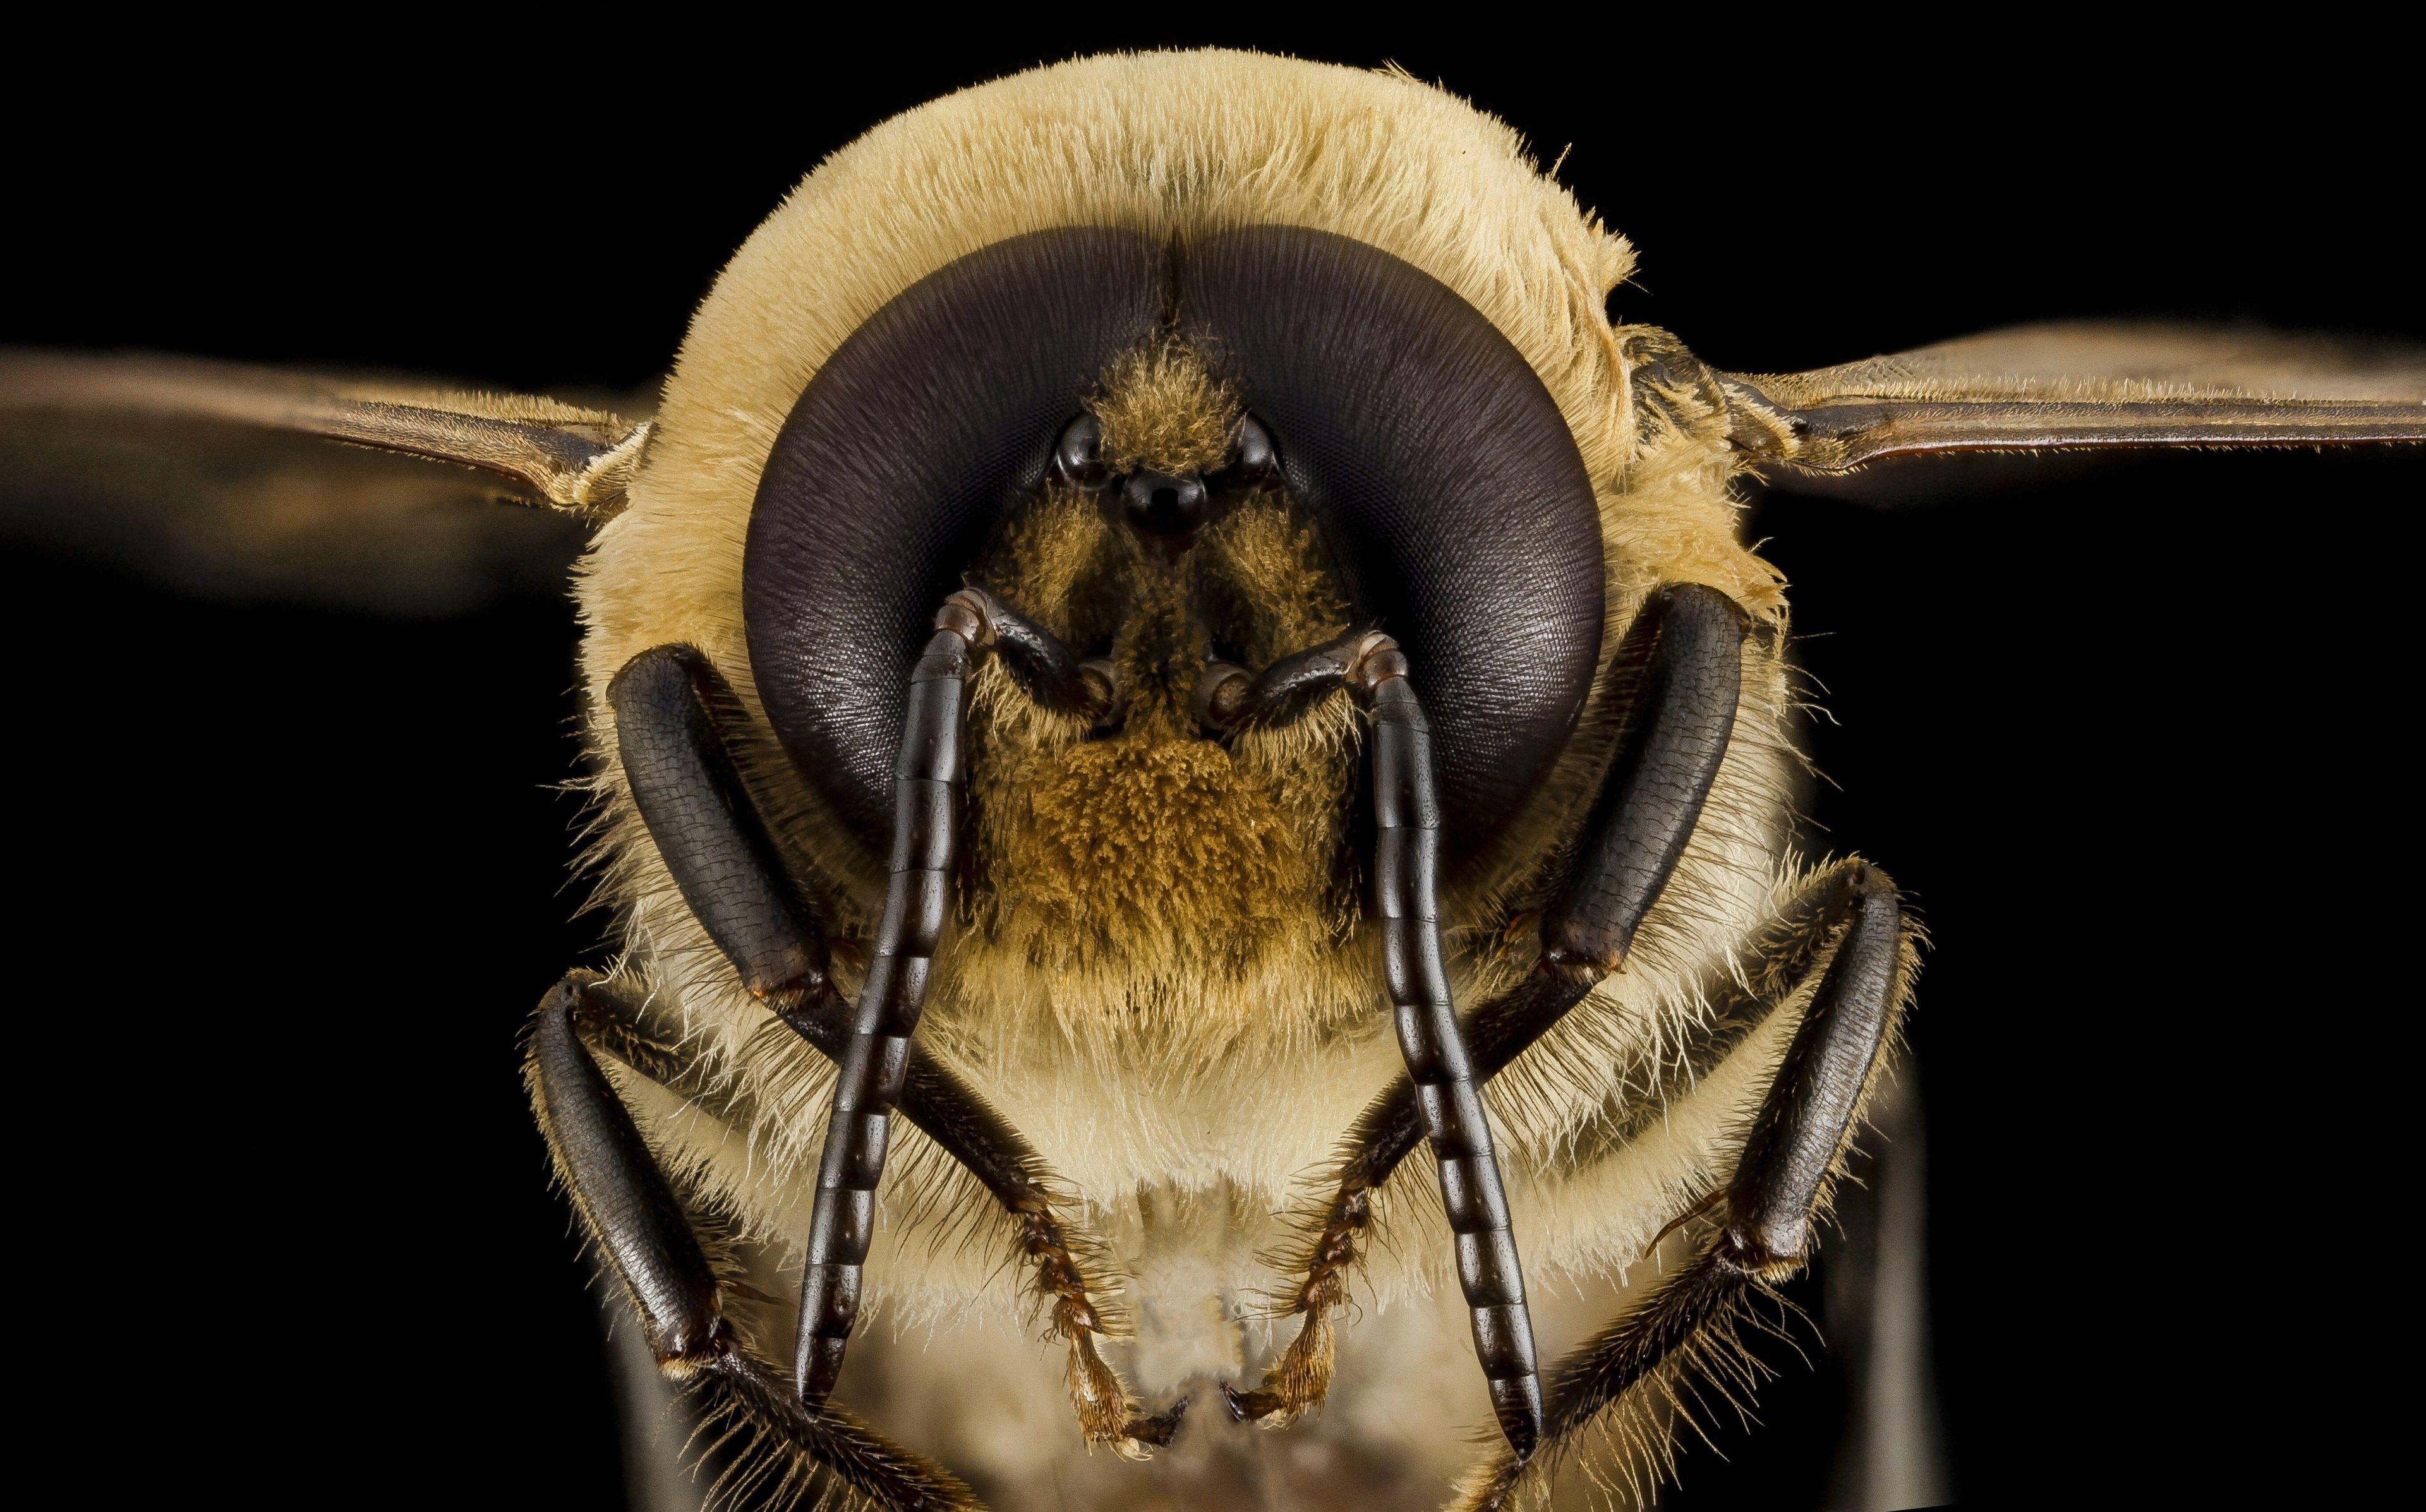 3840x2394 bee 4k desktop wallpaper hd quality (met